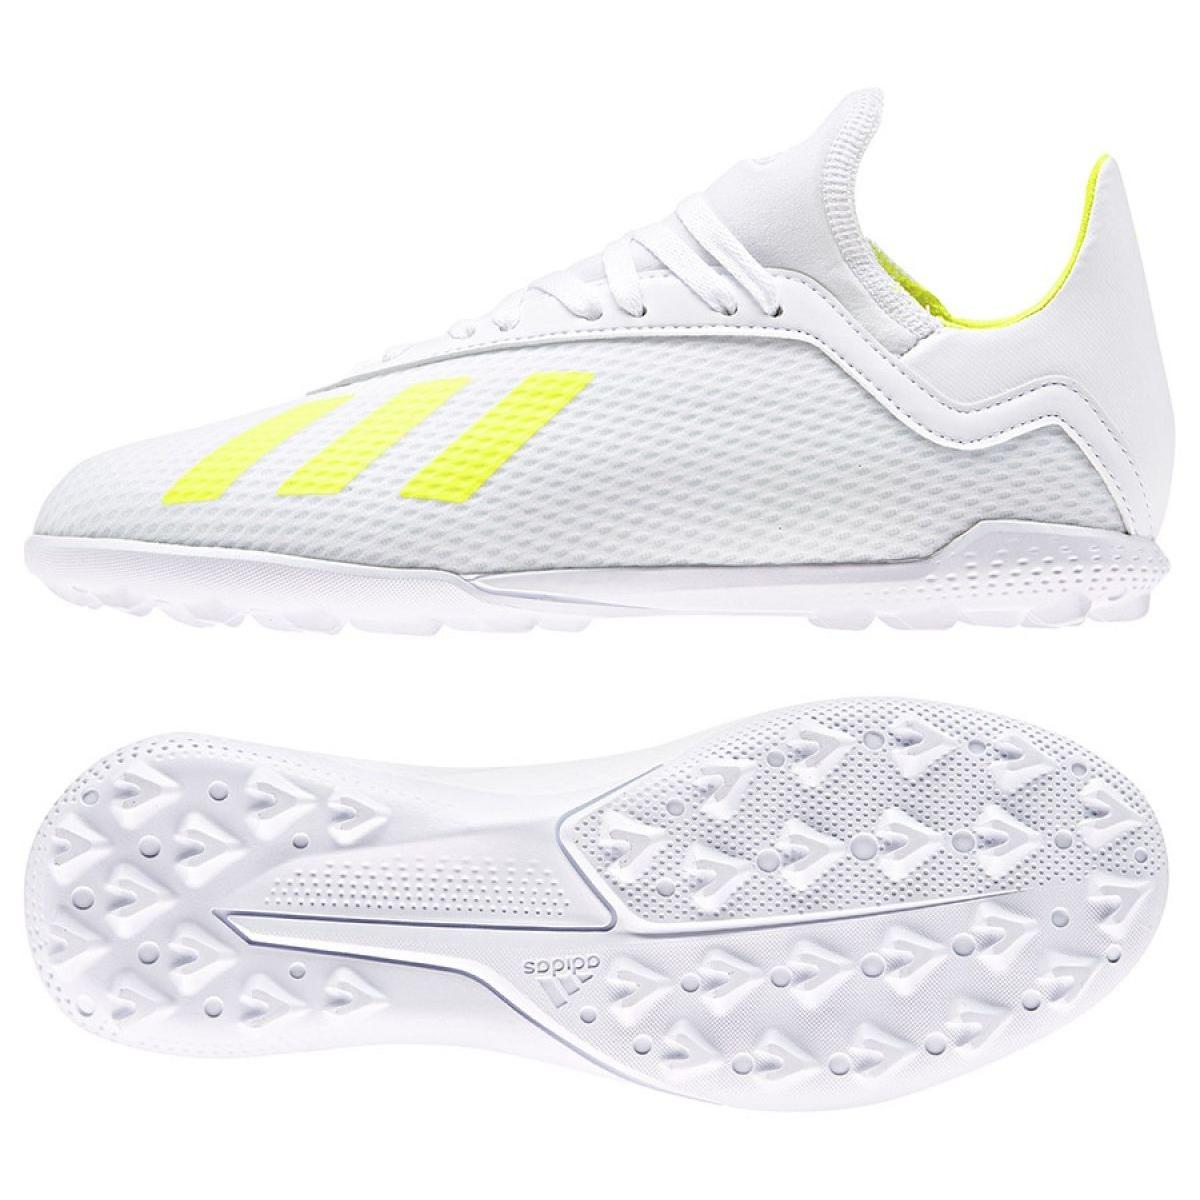 Fußballschuhe adidas X 18,3 Tf Jr BB9404